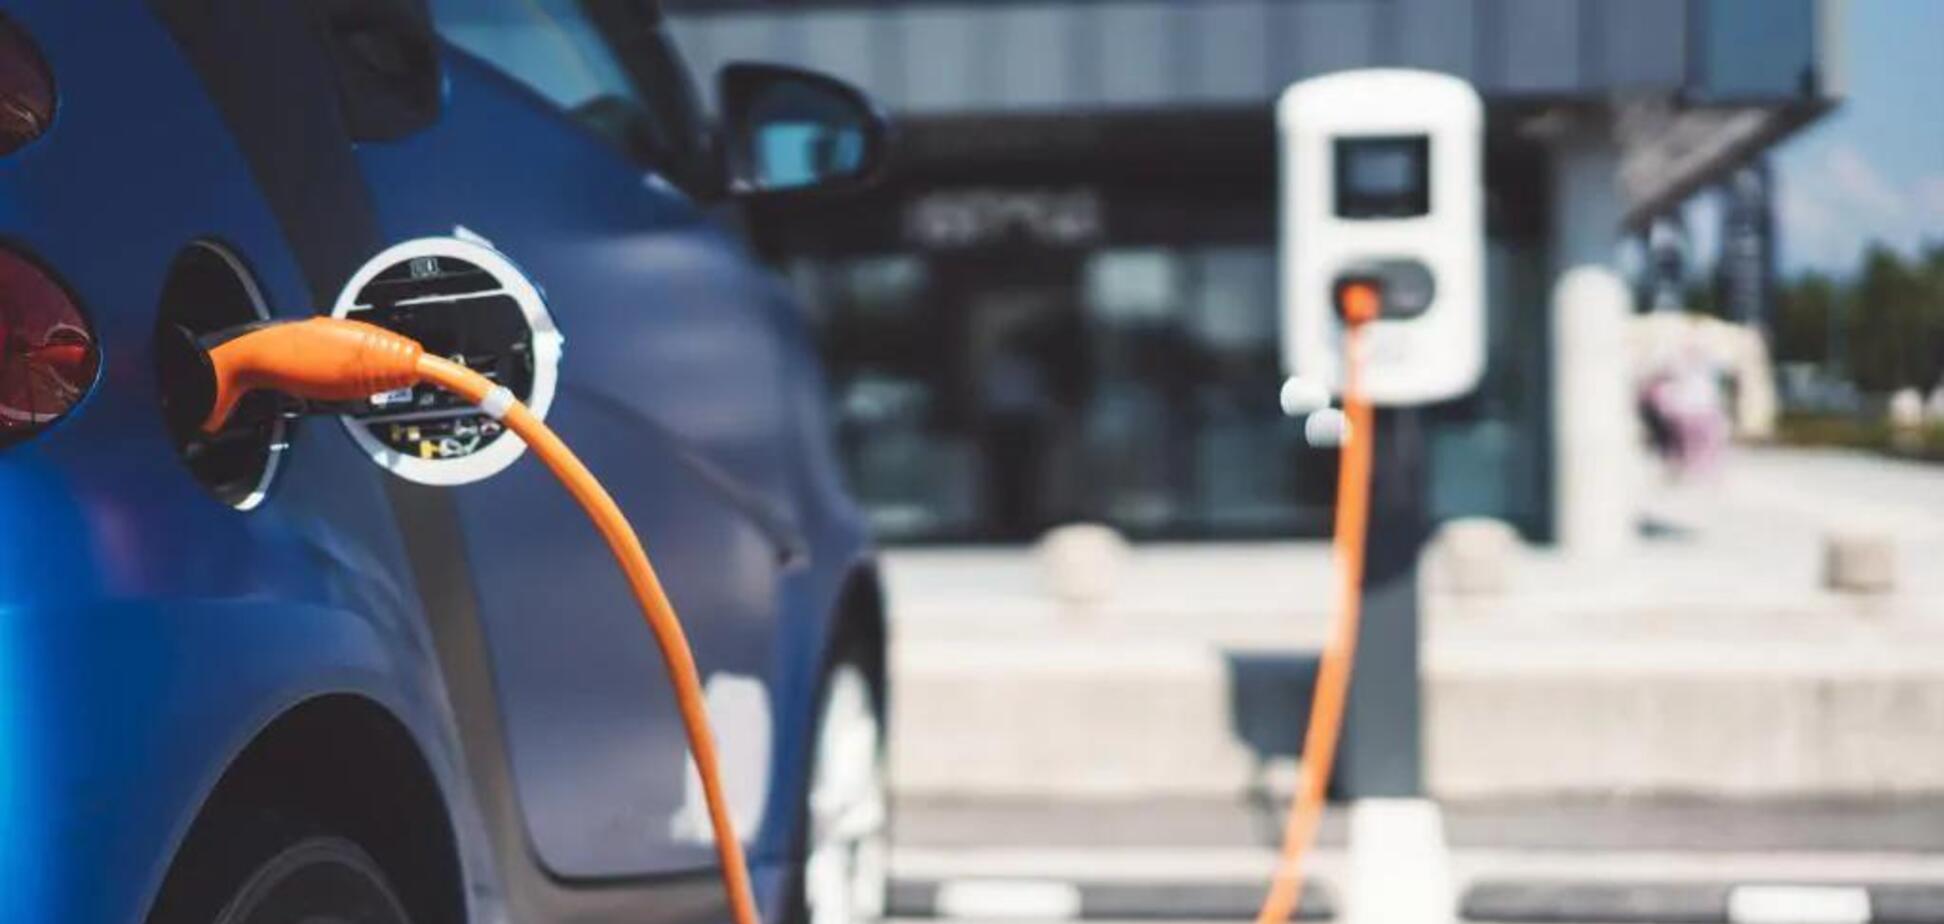 Вчені з Південної Кореї змогли прискорити процес зарядки електромобілів в кілька разів